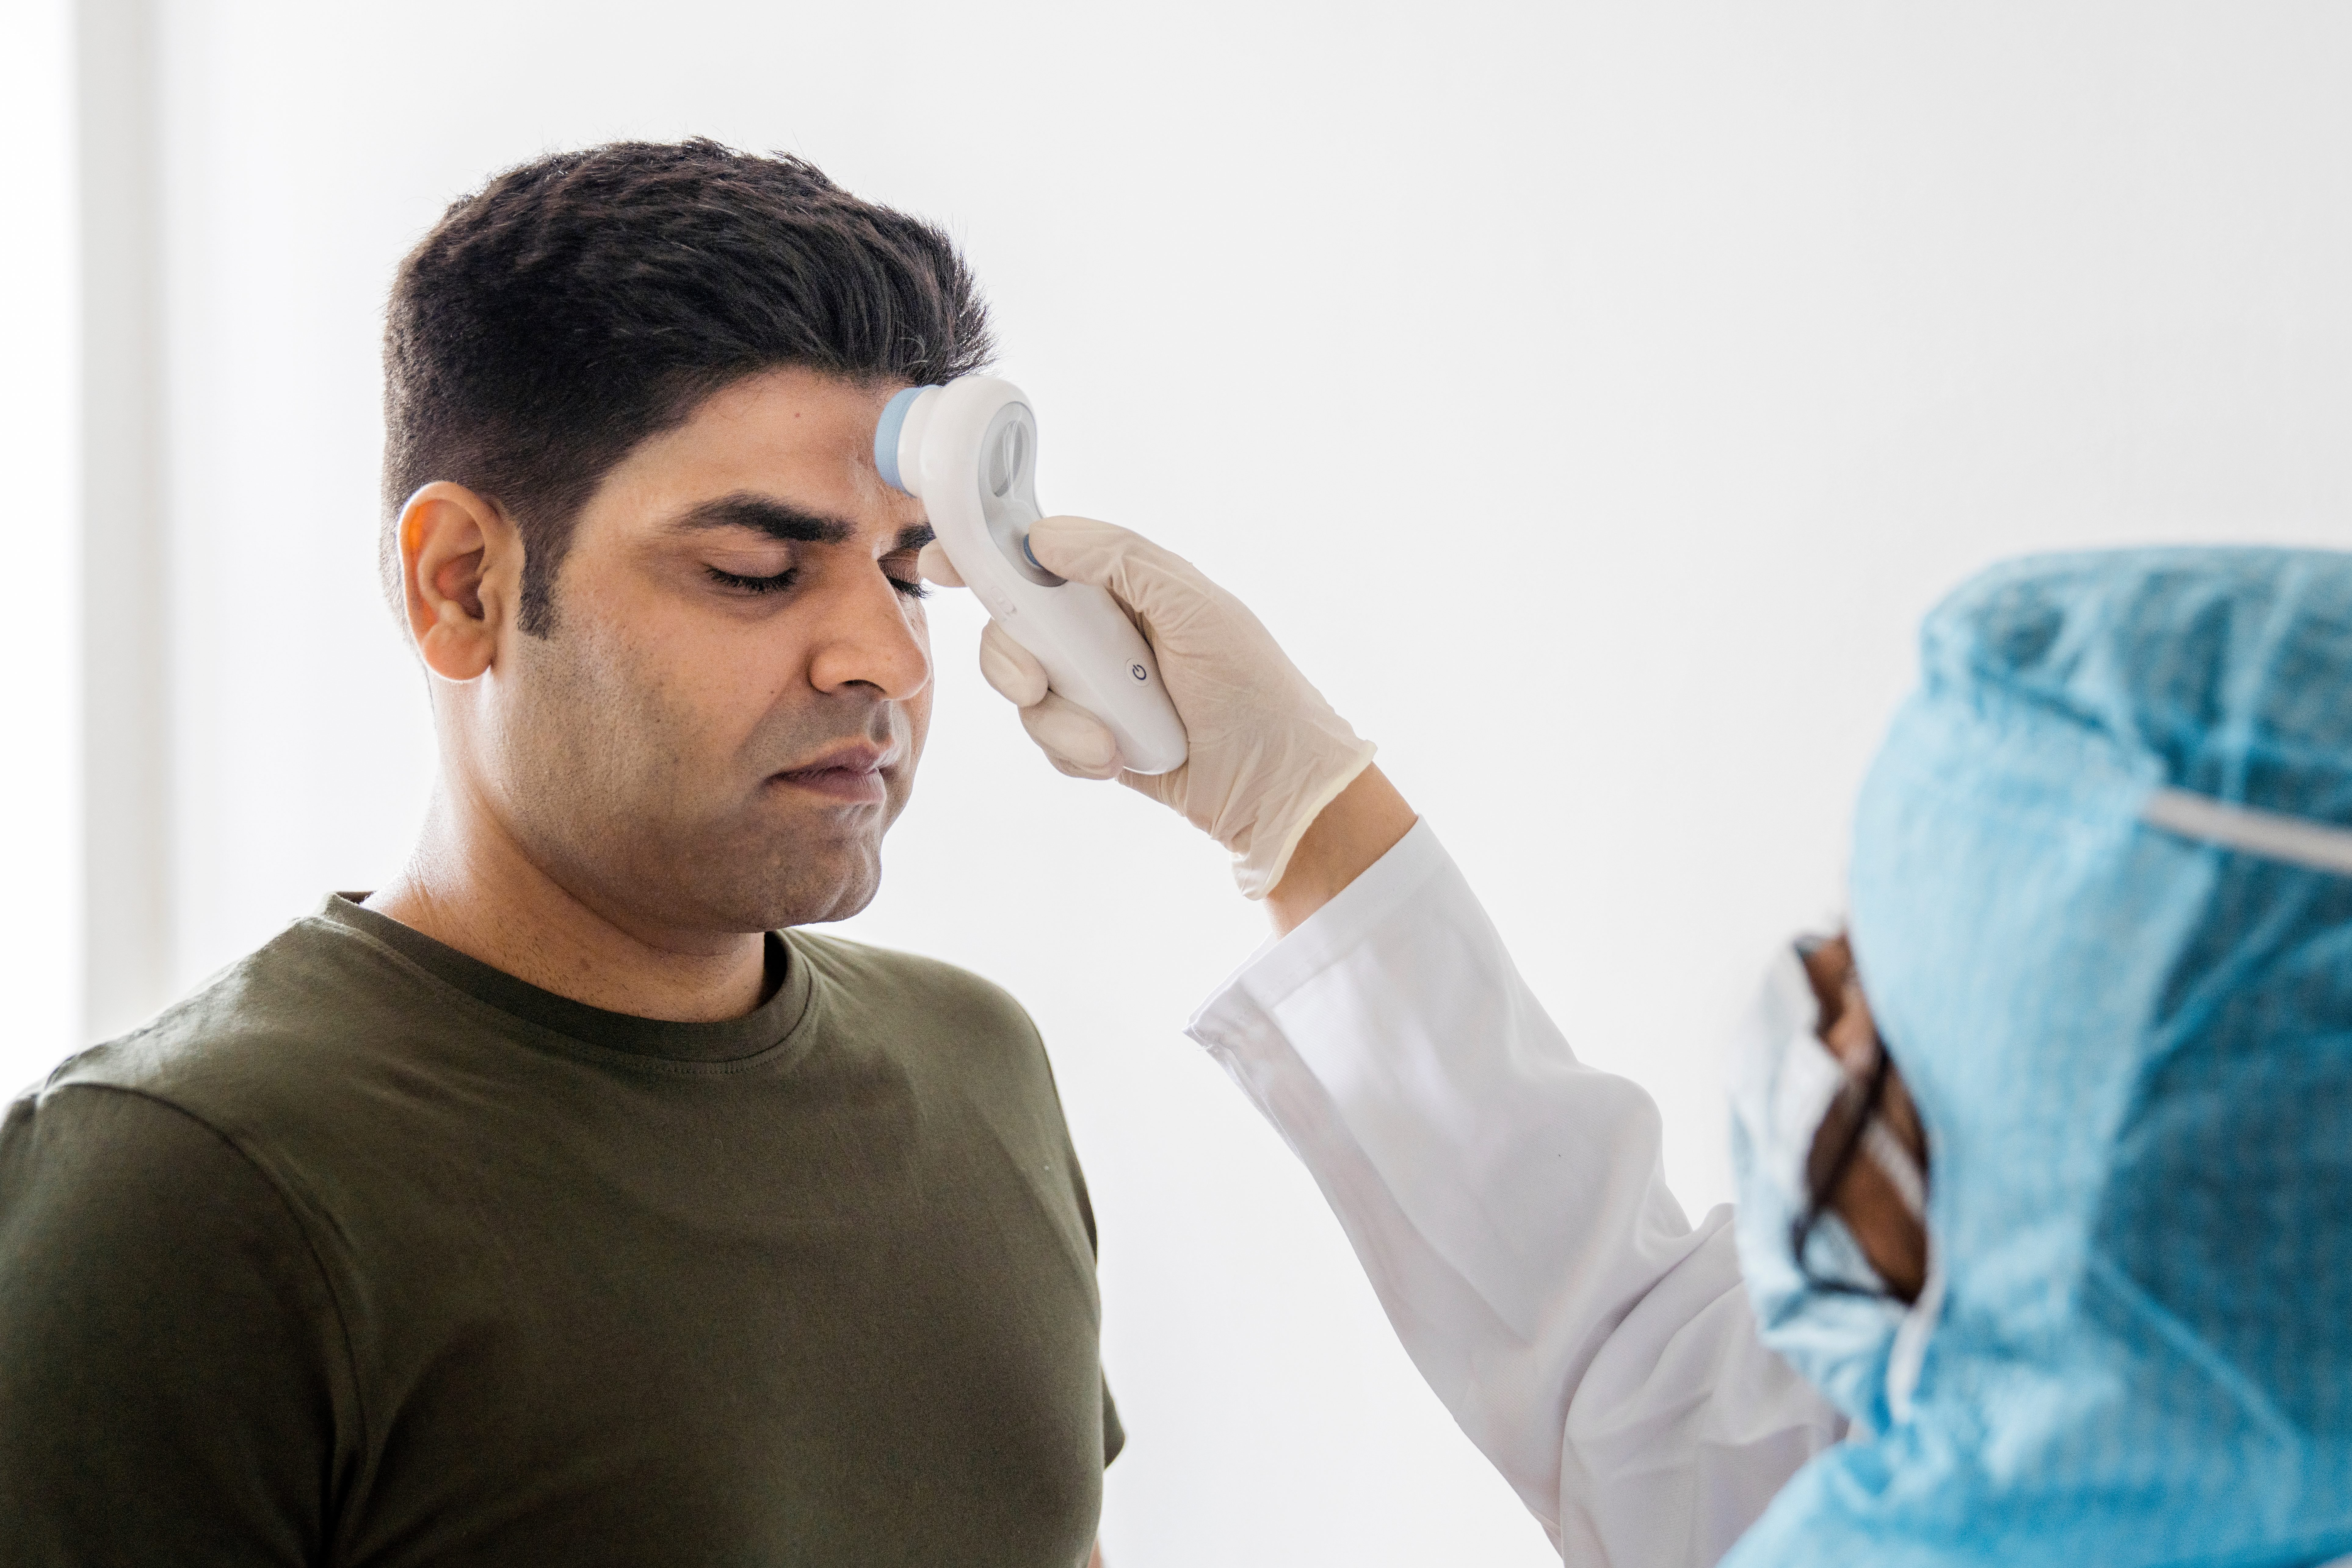 Healthcare worker scanning fever of patient